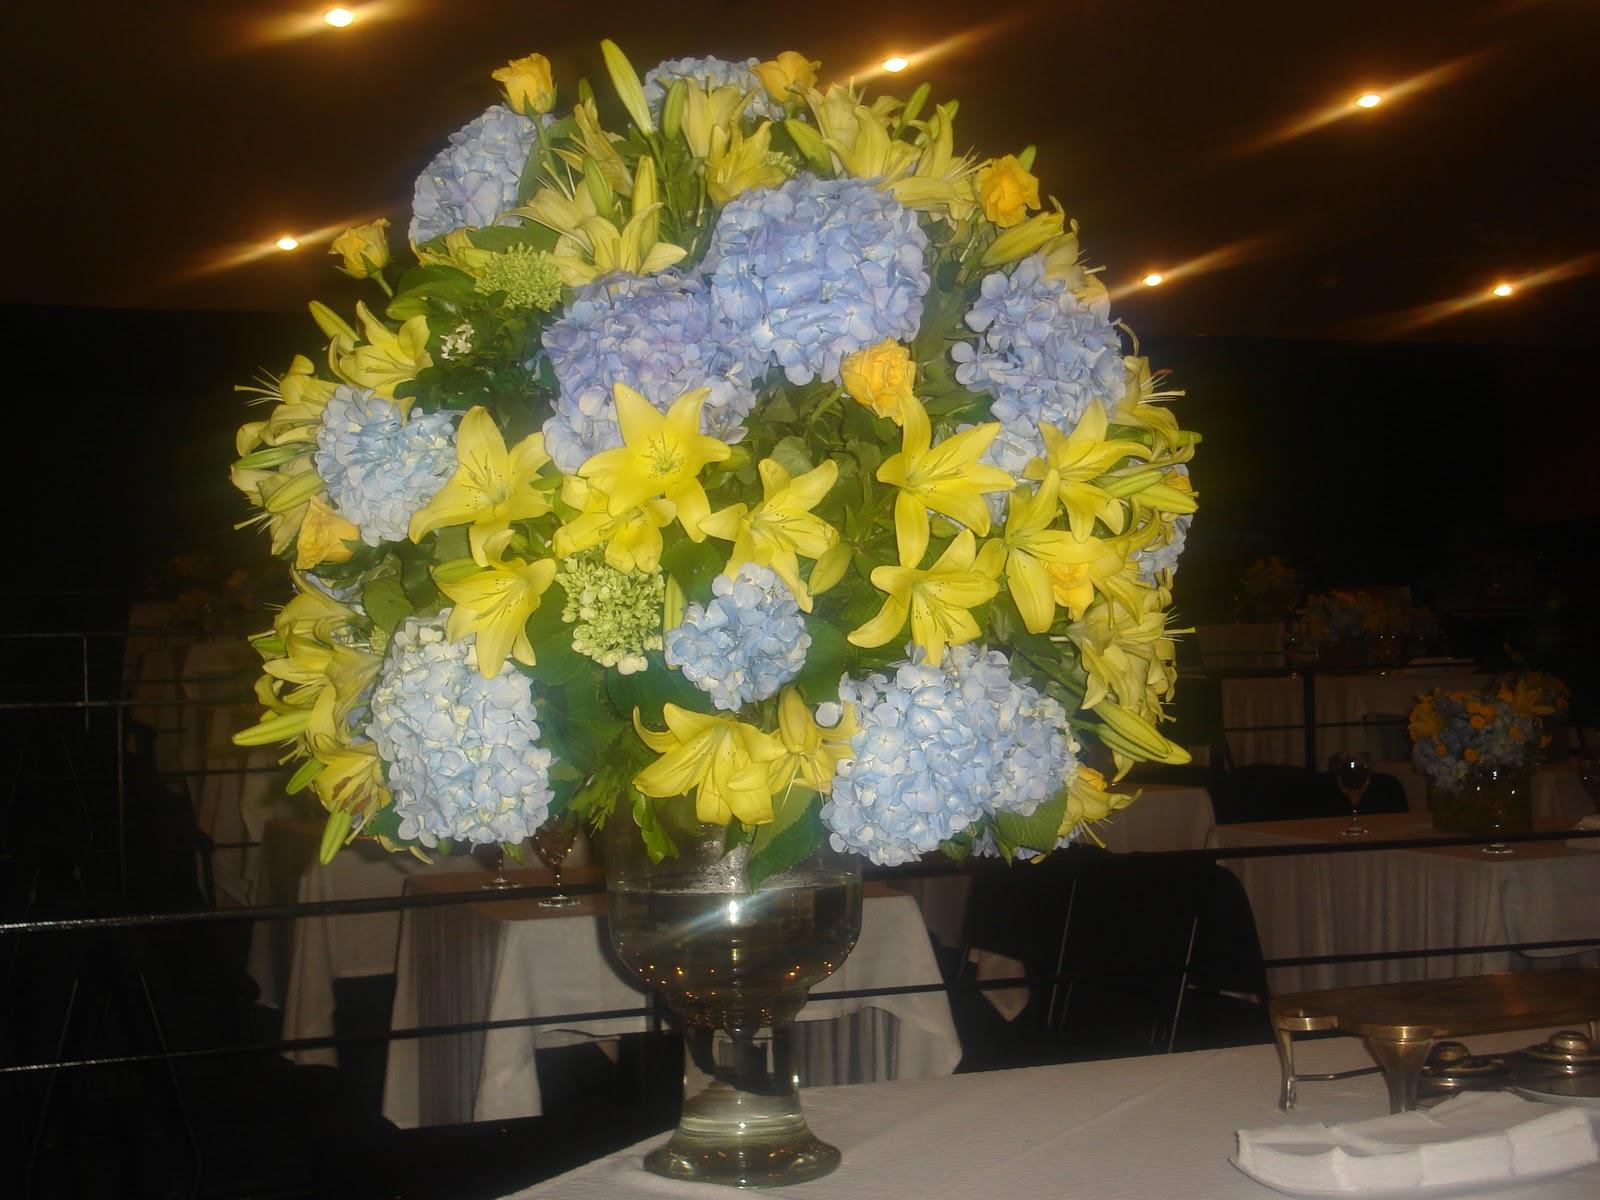 decoracao de igreja azul e amarelo : decoracao de igreja azul e amarelo:riodejaneiroflorista: Decoração floral azul e amarelo.